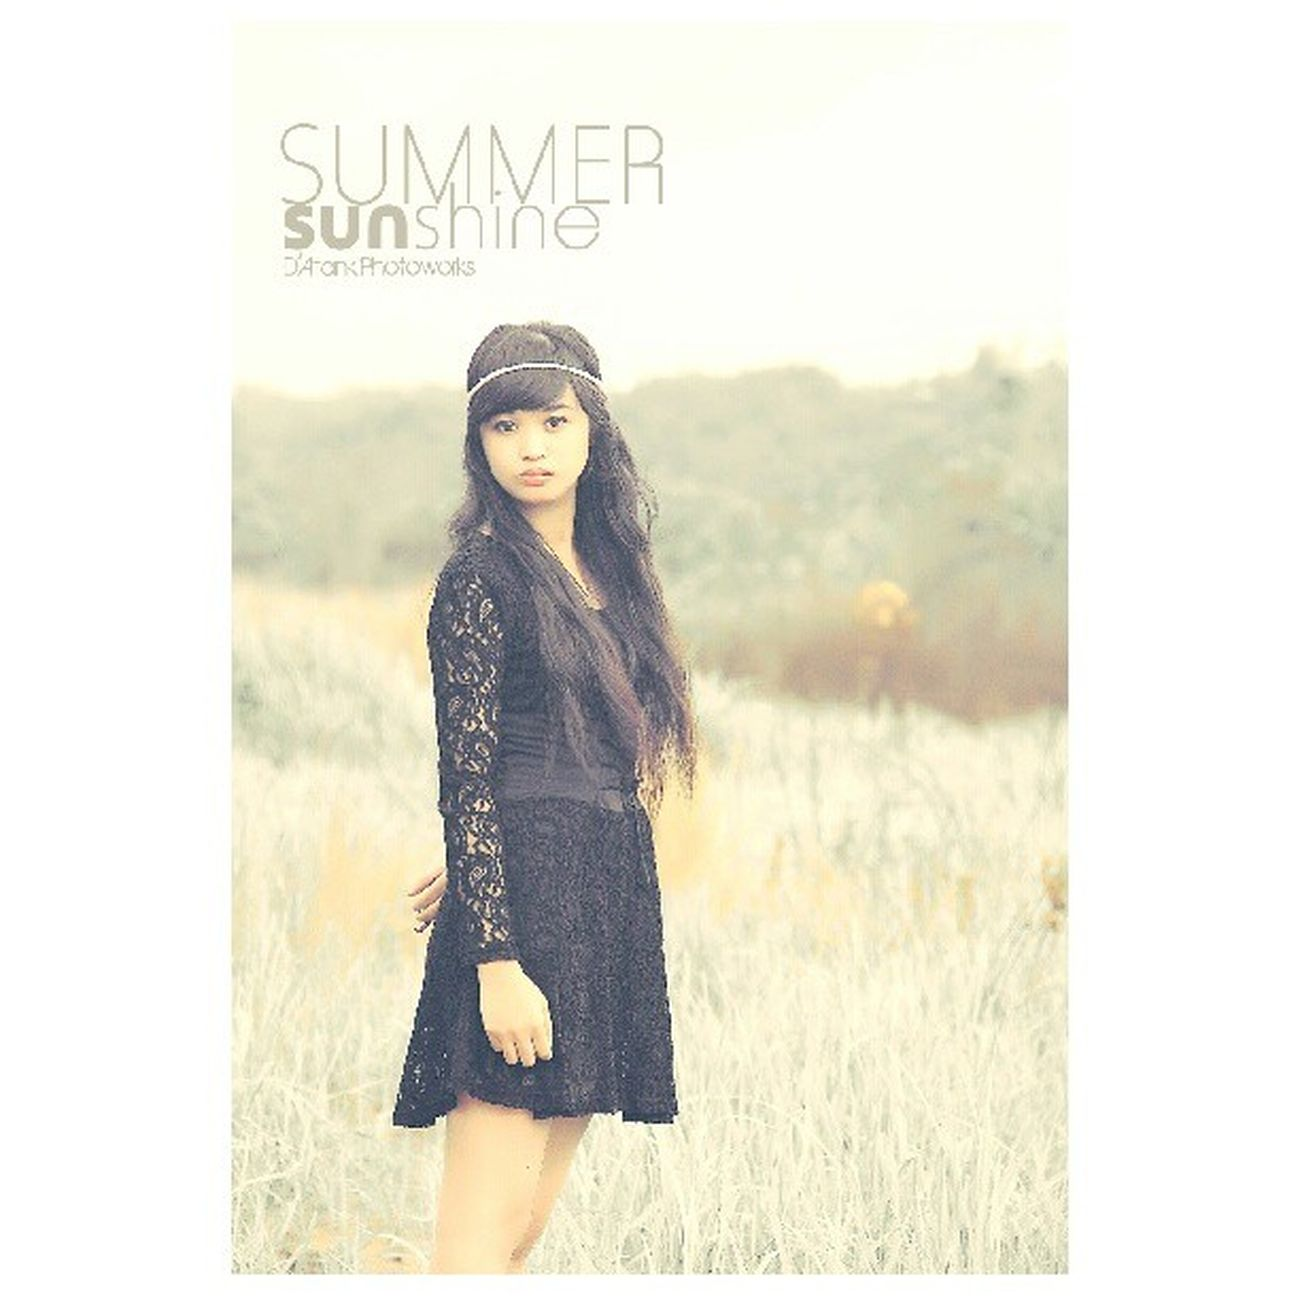 Summer Sunshine Potrait Photoshoot Instatanjungtabalong Instabungas Instabanjar